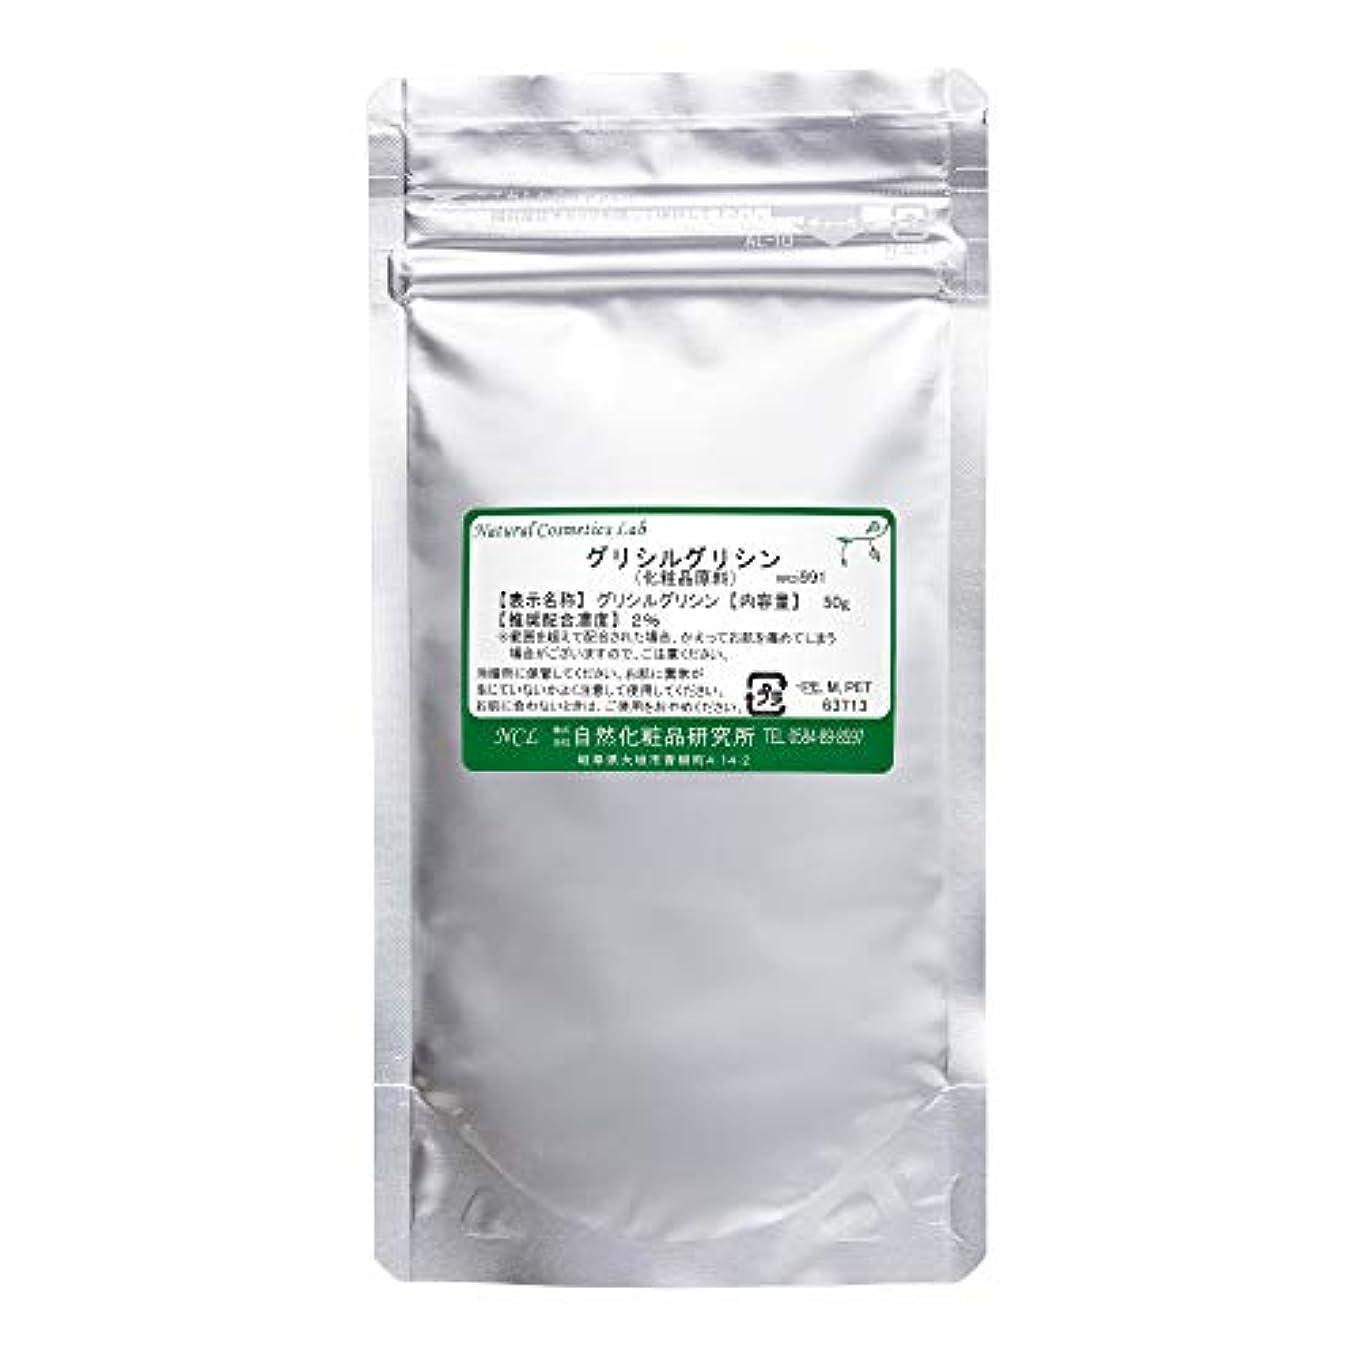 商標反抗世界的にグリシルグリシン (GG) 化粧品原料 50g